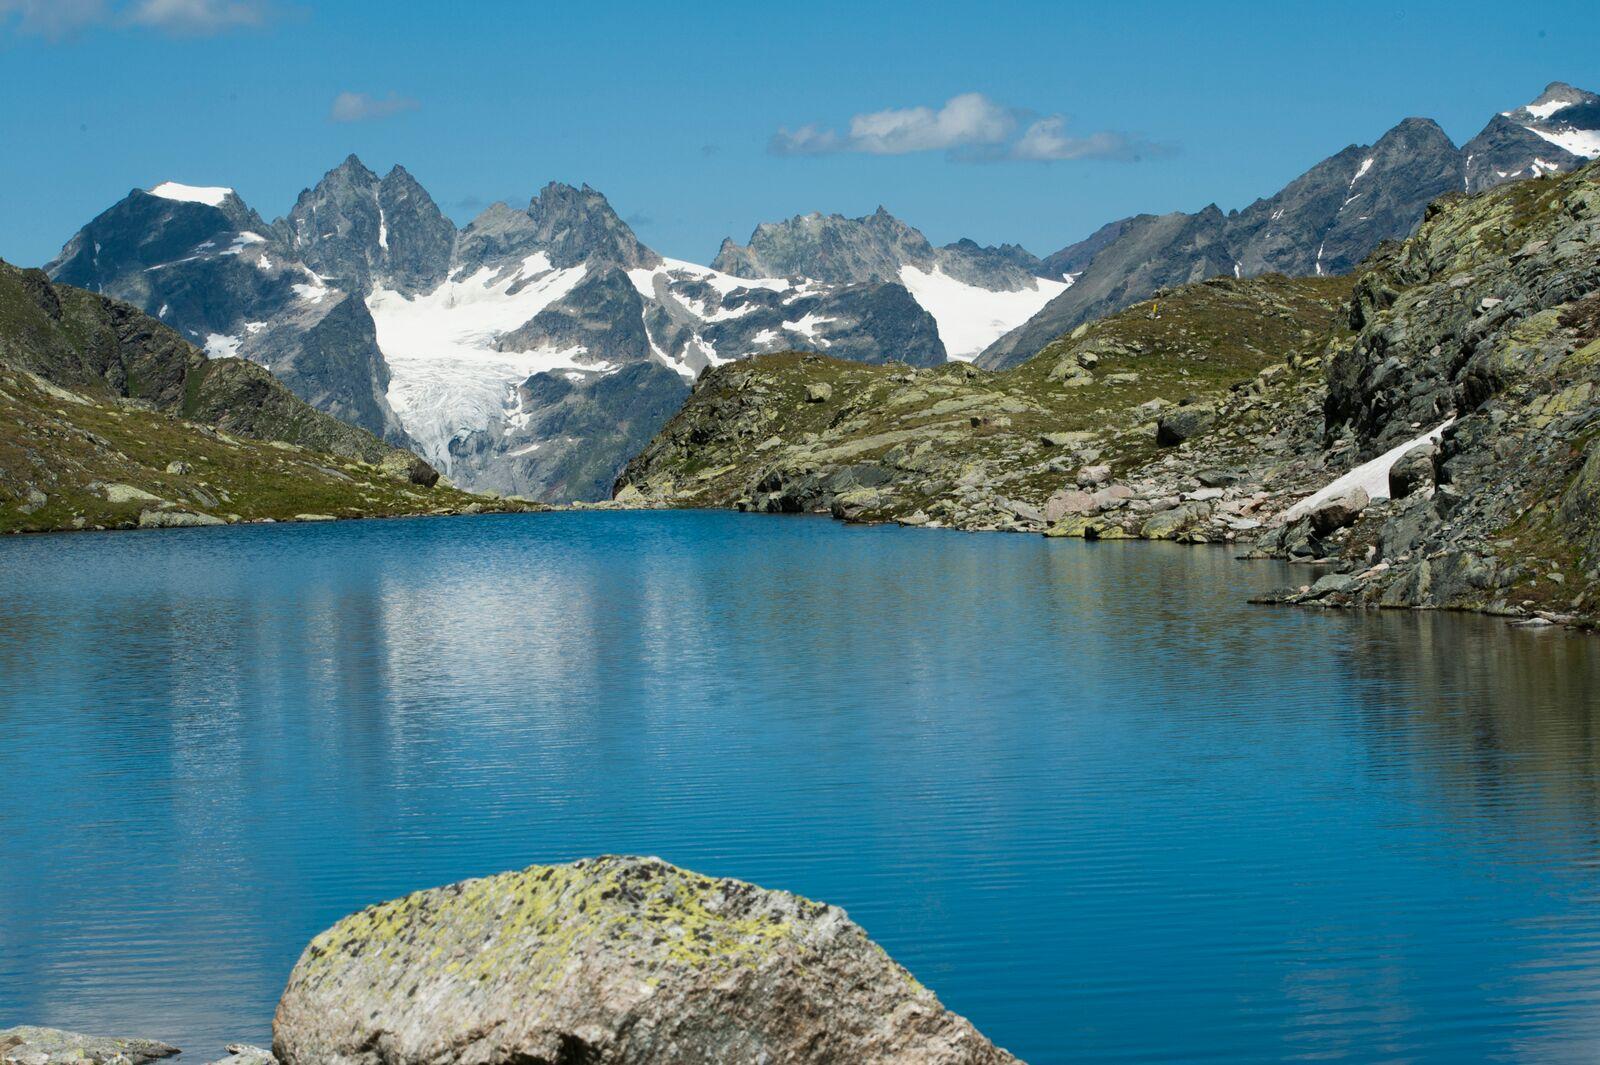 retrieved from: Schweizerischer Nationalpark